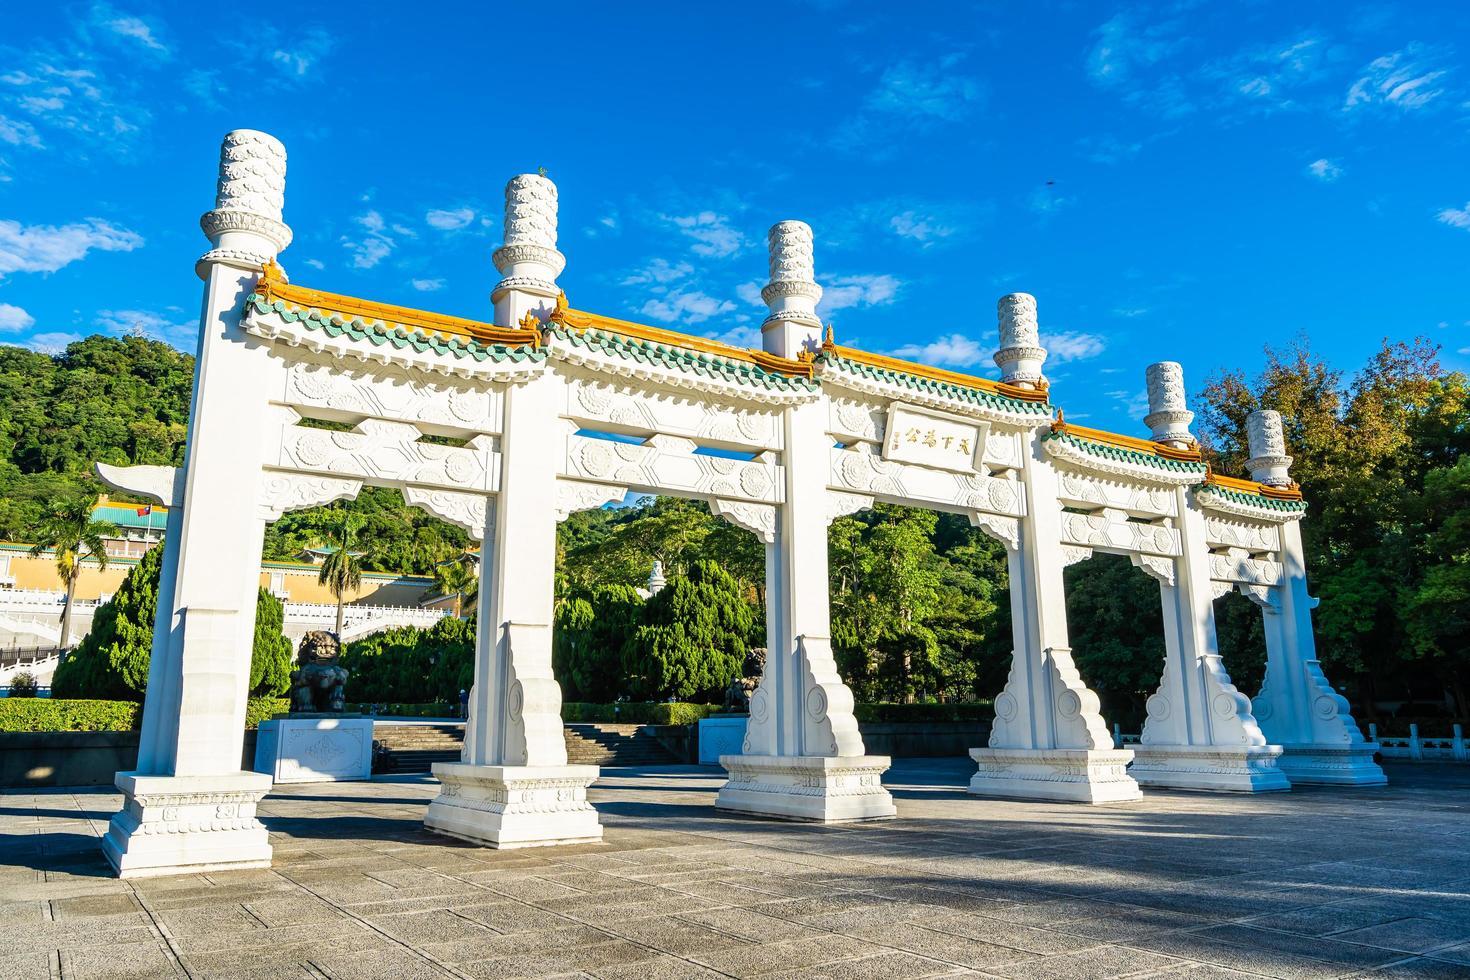 museo del palacio nacional de taipei en taiwán foto